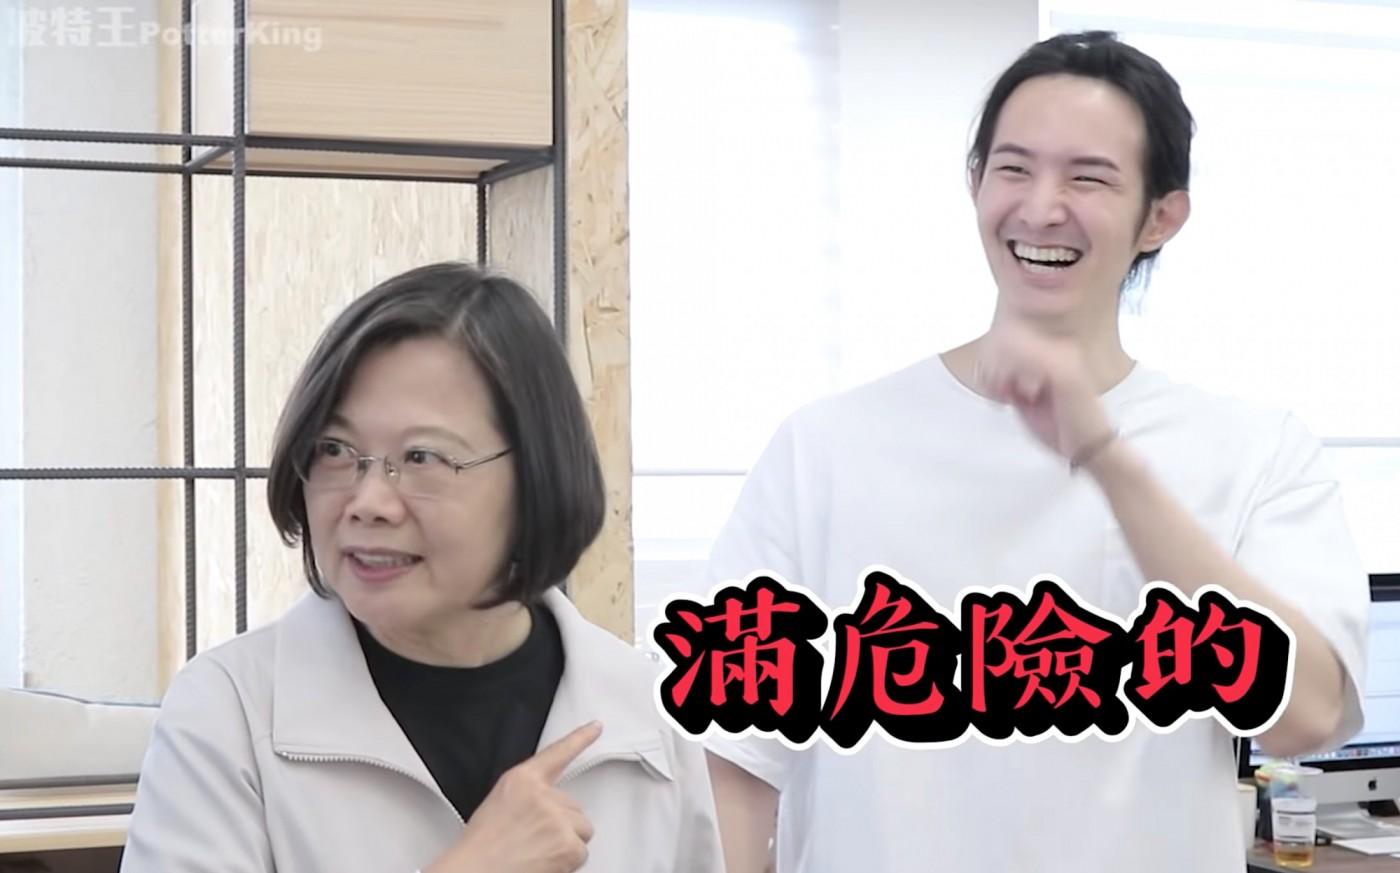 撩一下總統卻被封殺!網紅波特王拒刪影片遭中國方解約,為何連百萬粉絲微博帳號都沒了?